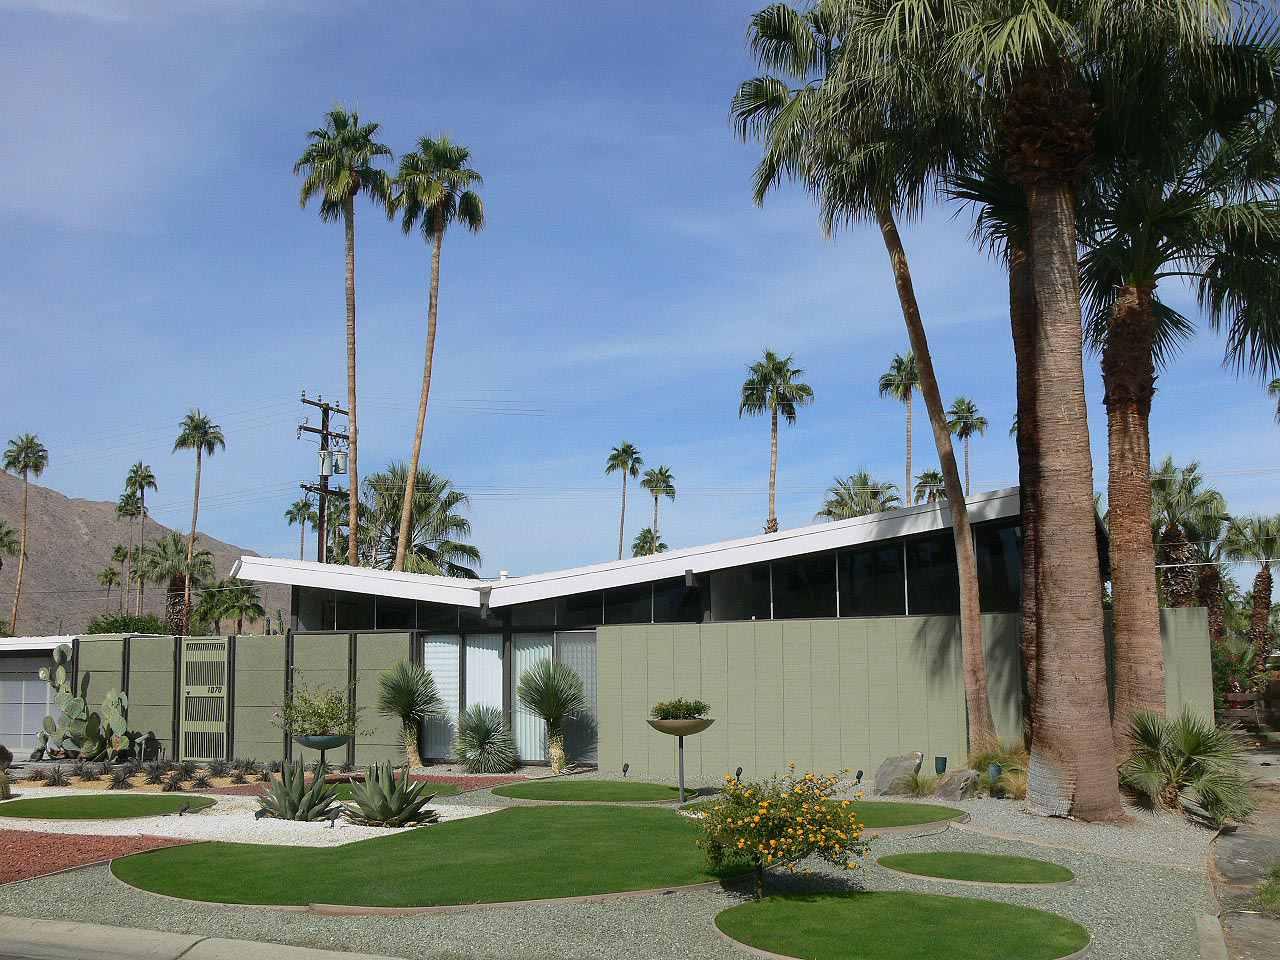 Alexander Accueil dans le quartier Twin Palms, Palm Springs, Californie